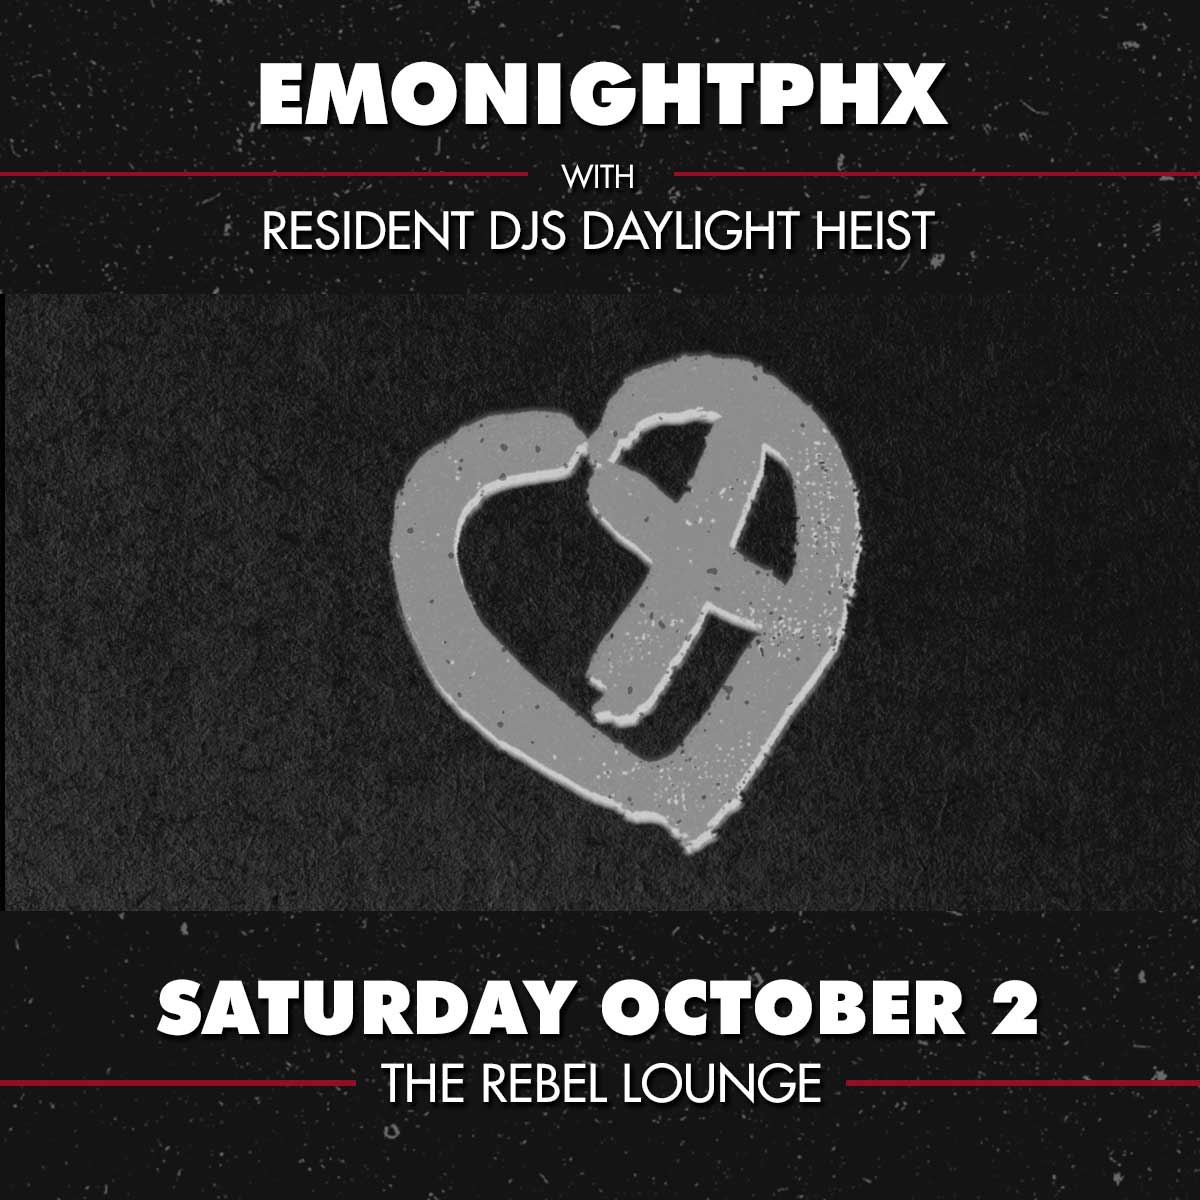 EMONIGHTPHX: